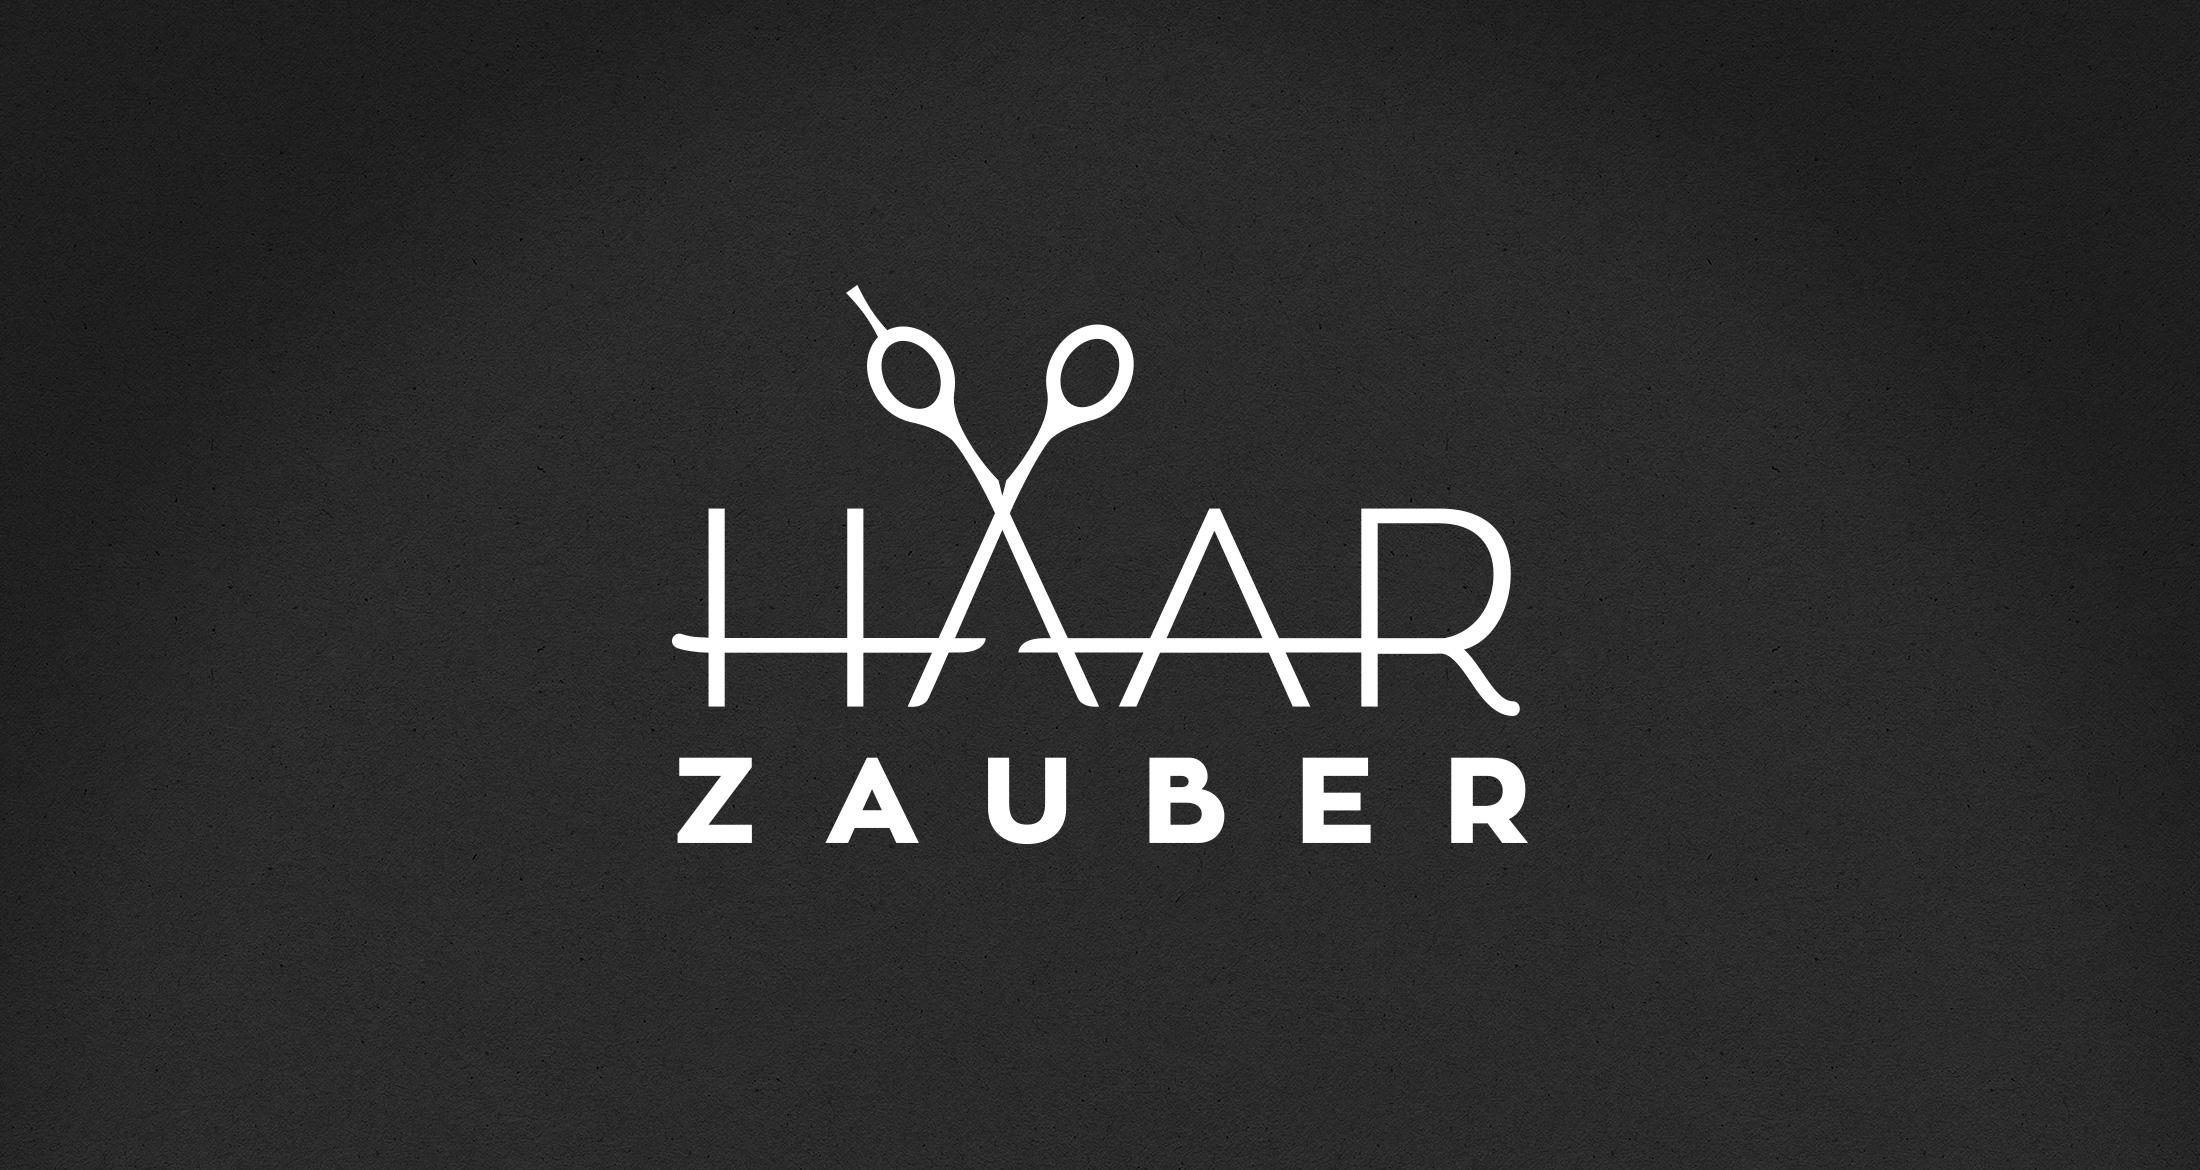 Logo Haarzauber, Jakobsweiler, 1-farbig weiß